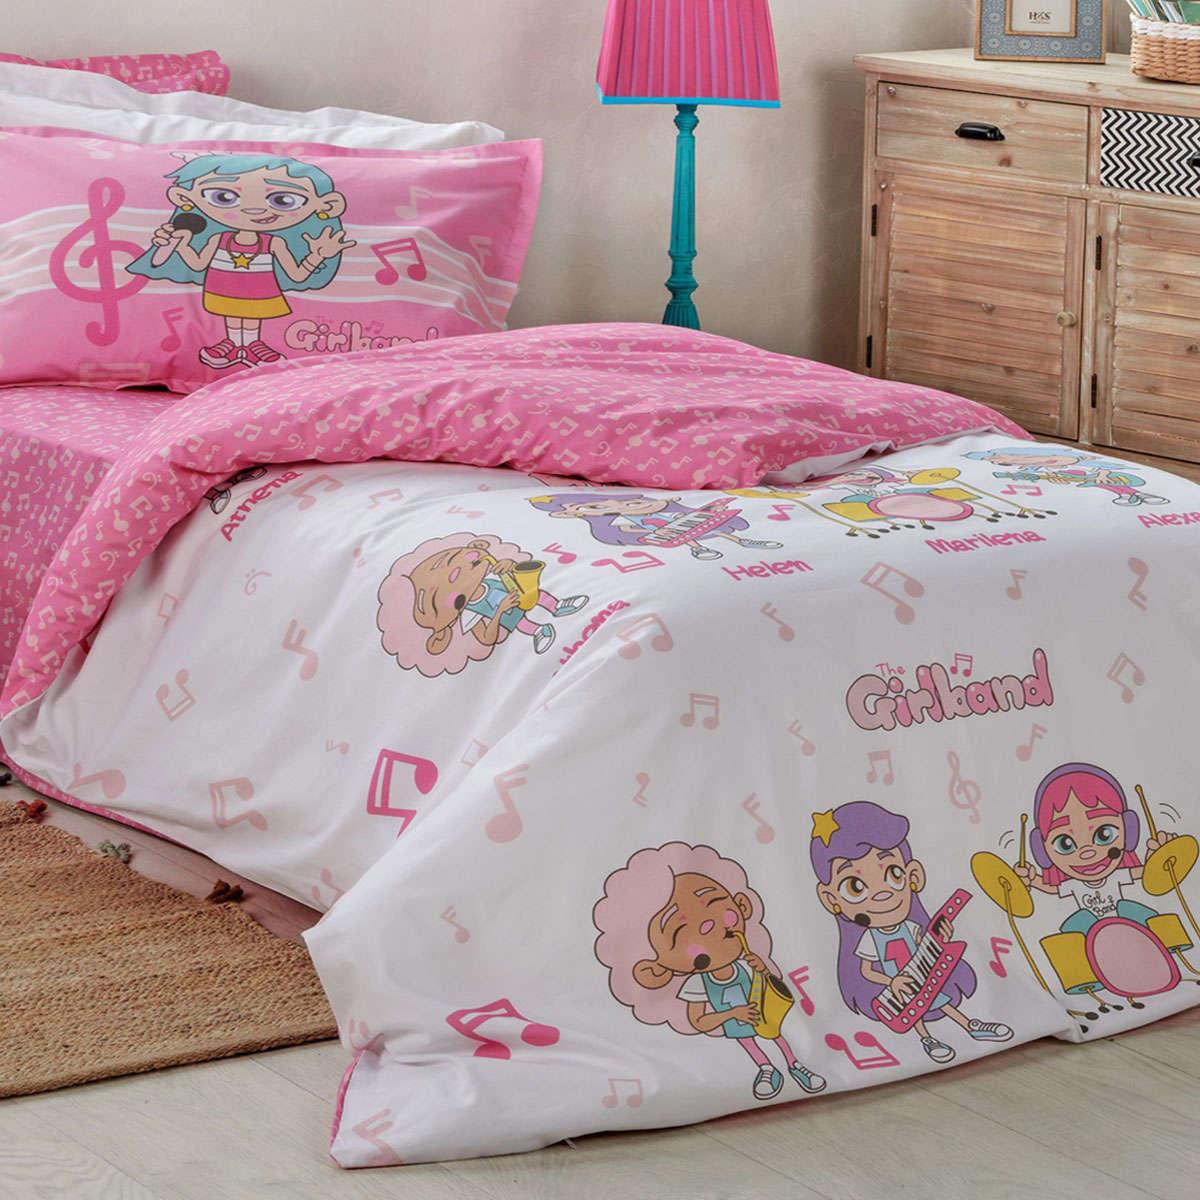 Παιδικό Σεντόνι Σετ Notes Pink 4 Τεμ. Kentia Μονό 170x250cm